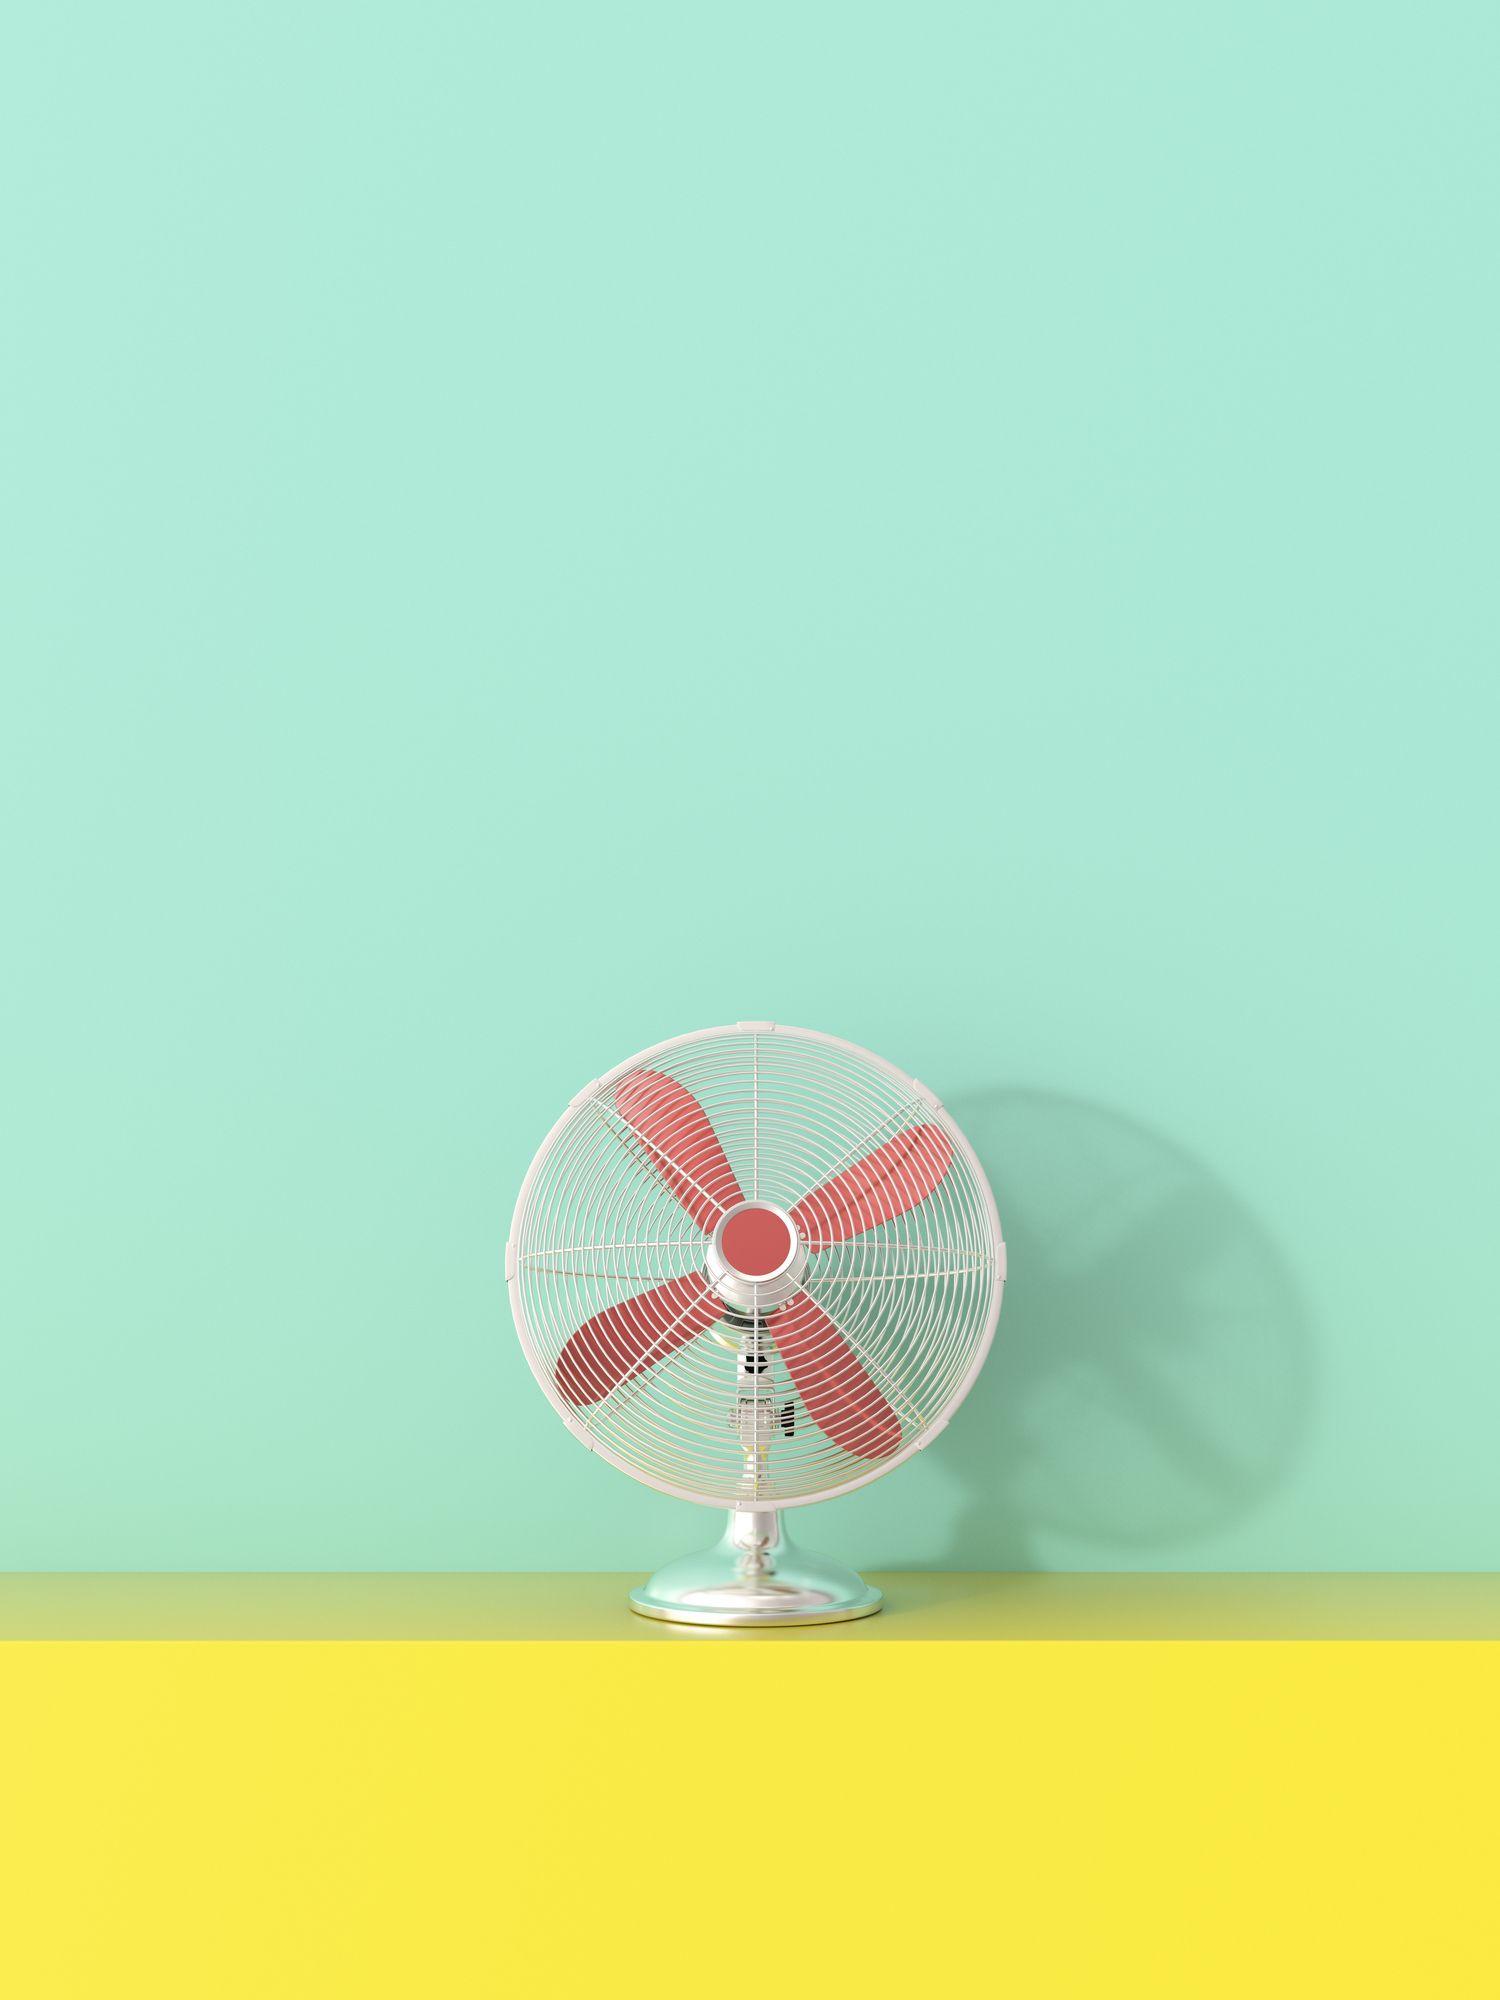 3D rendering, Fan on yellow shelf against green background